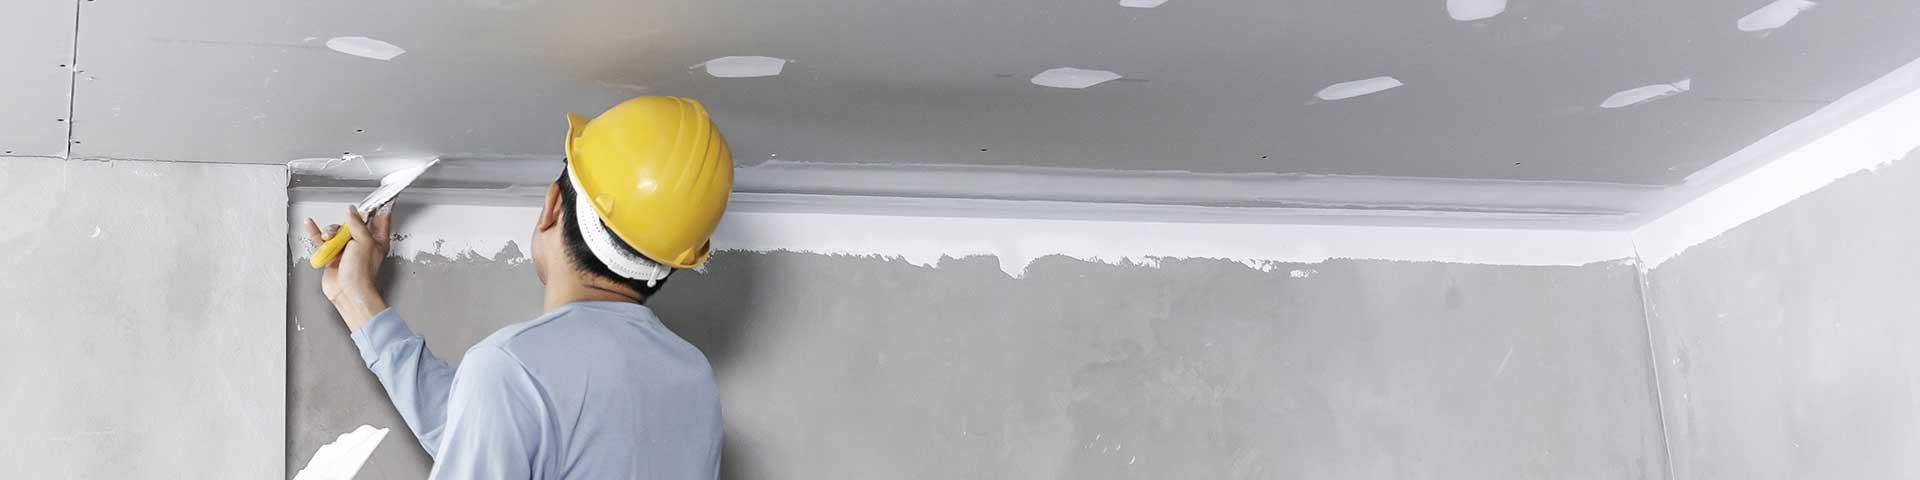 specjalista od remontów wykańcza sufit podwieszany z płyt gipsowo-kartonowych